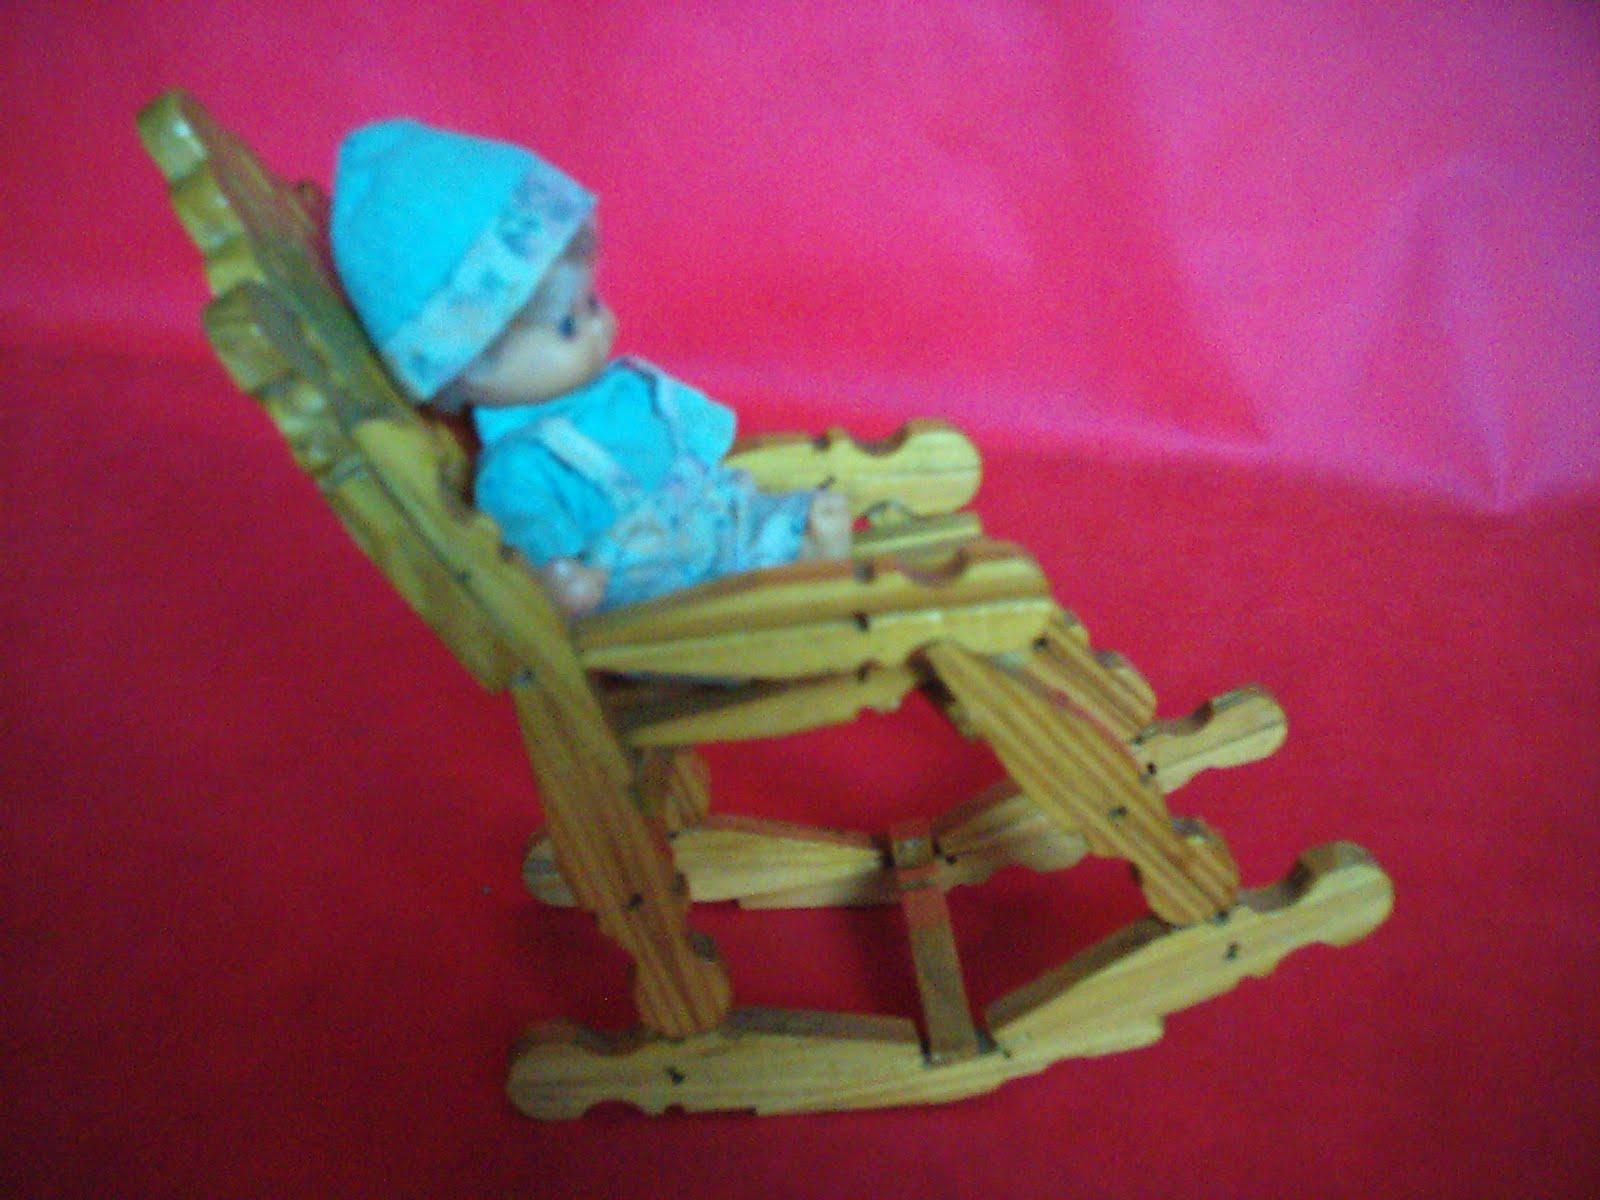 #139AB8 Bonequinho na cadeira de balanço 1600x1200 px cadeira de balanço com pregador @ bernauer.info Móveis Antigos Novos E Usados Online